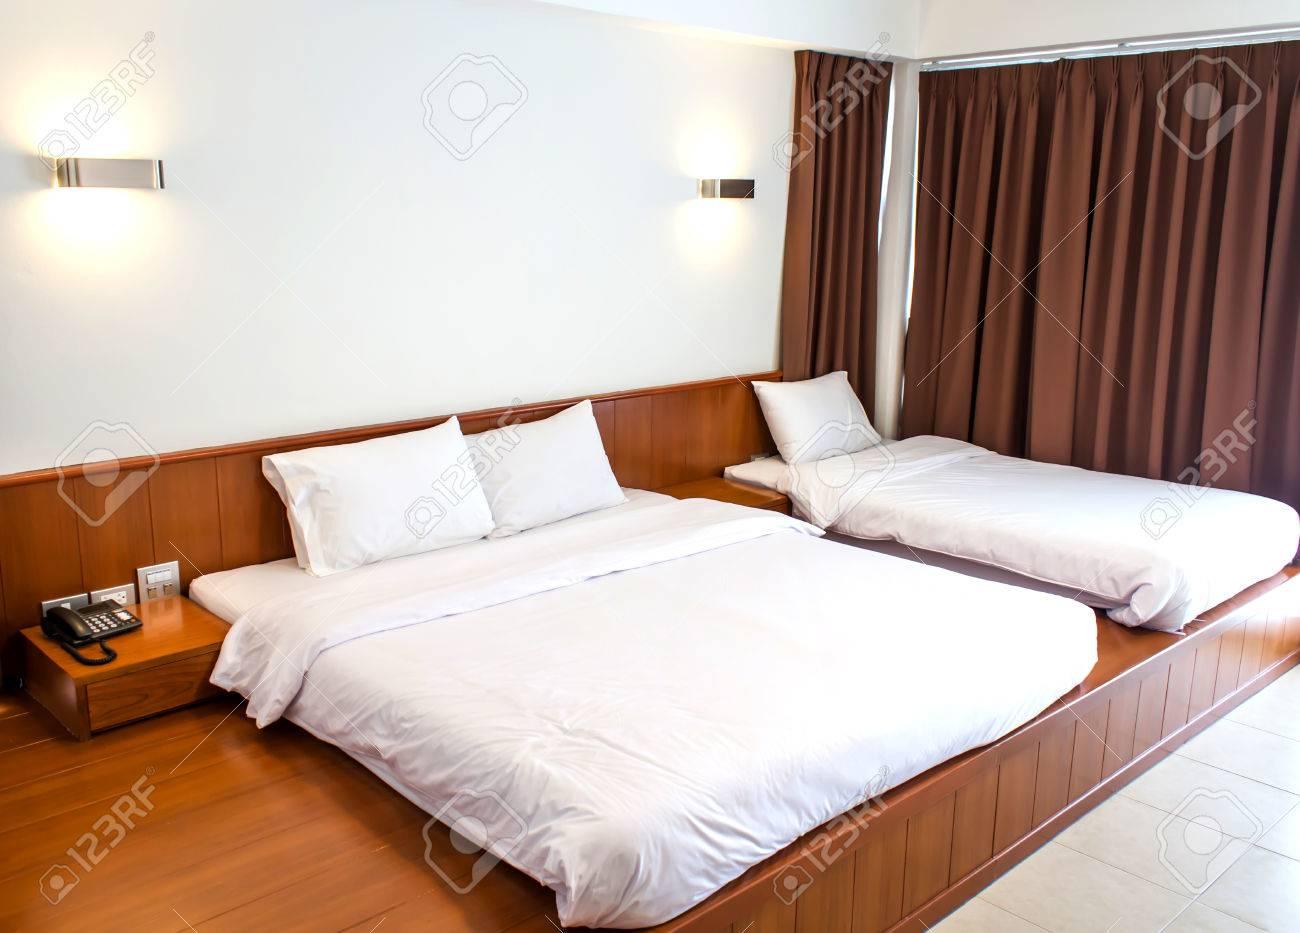 Lit King Size Dans Une Chambre D\'hôtel De Luxe Avec Deux Lits ...